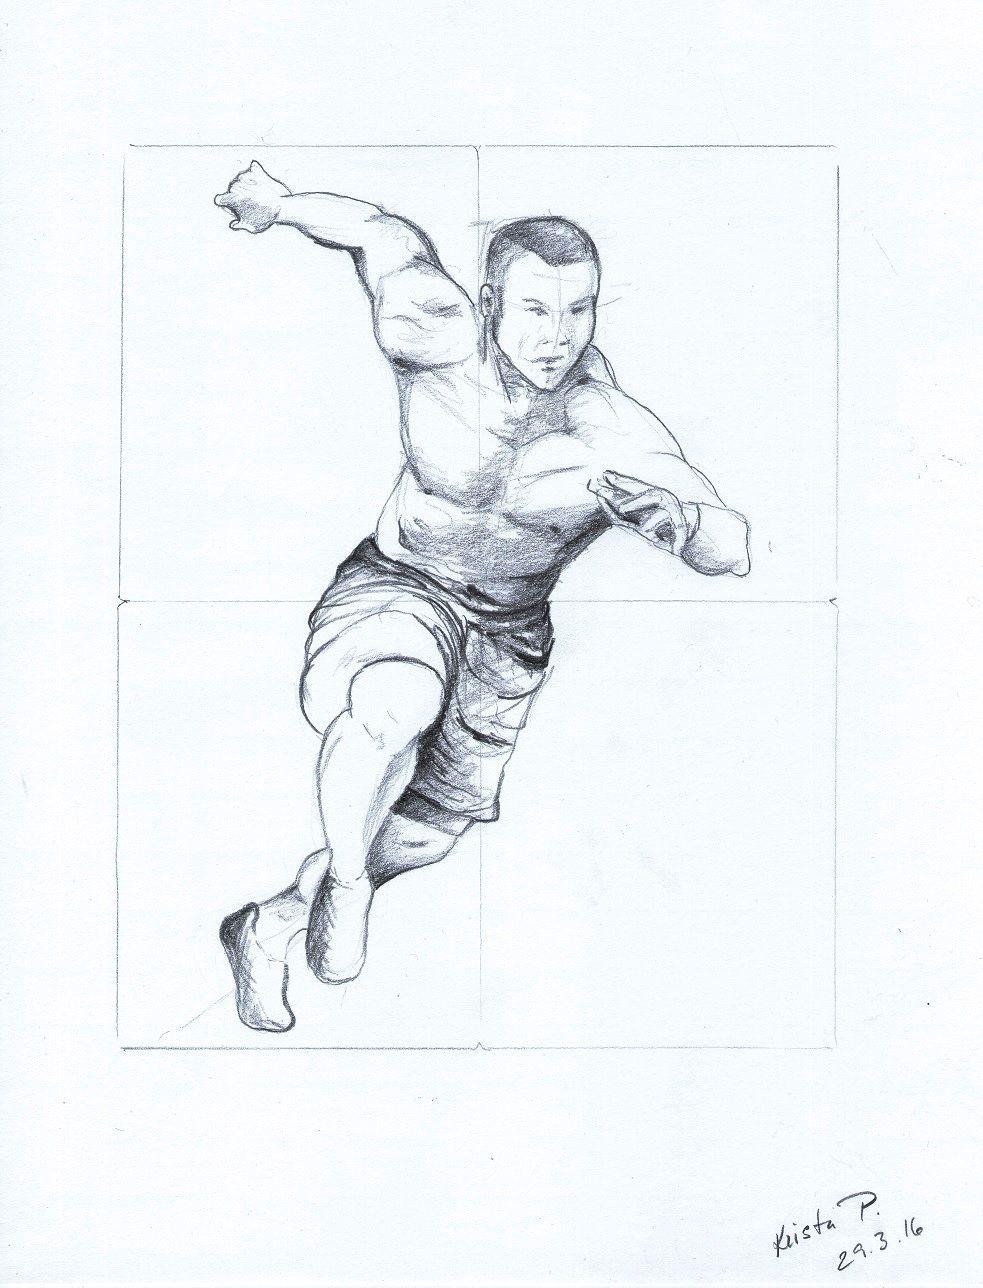 Athlete, pencil, study, artist Kristýna Pavluvčíková.